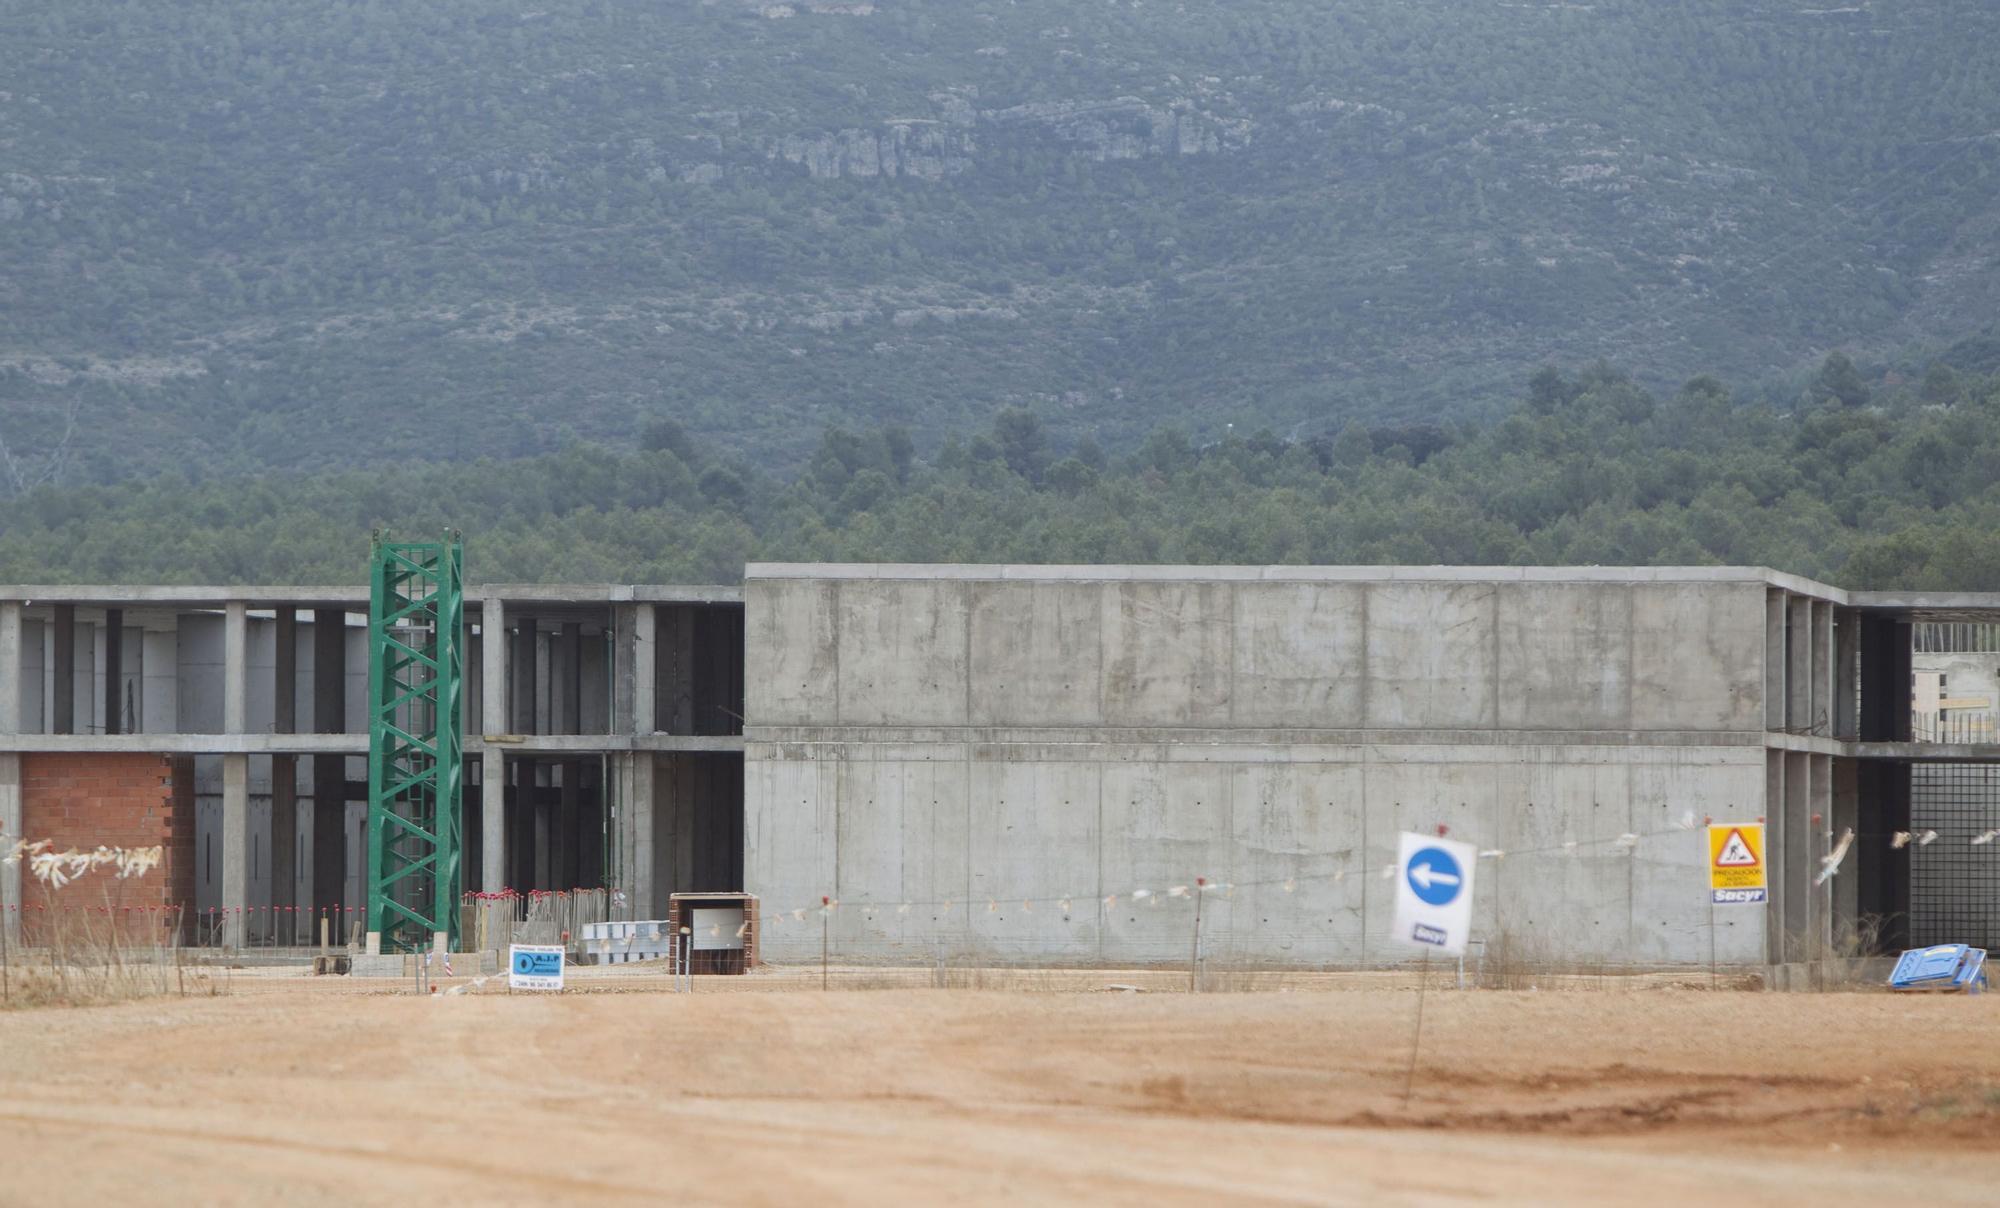 Sin noticias de la segunda cárcel de Valencia: cómo se quedó Levante II